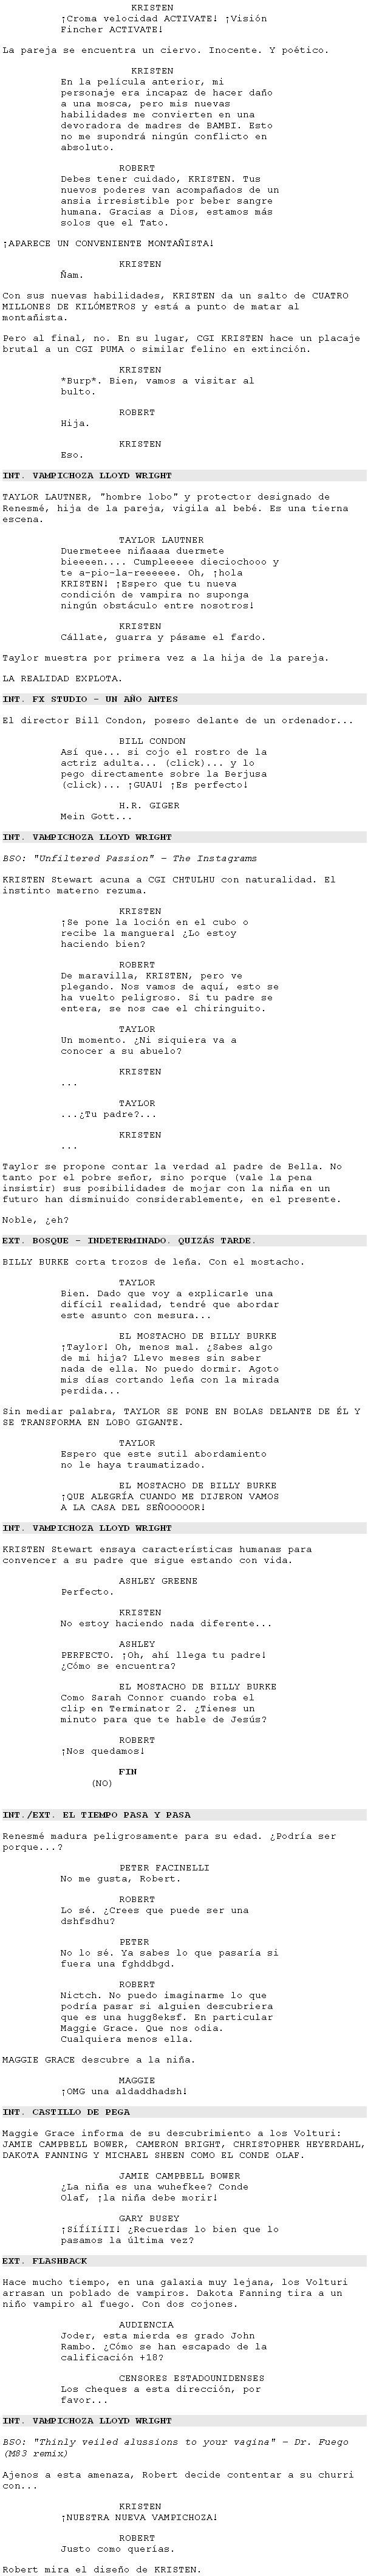 El verdadero guión de crepúsculo http://www.lashorasperdidas.com/index.php/2012/11/16/la-saga-crepusculo-amanecer-parte-2/